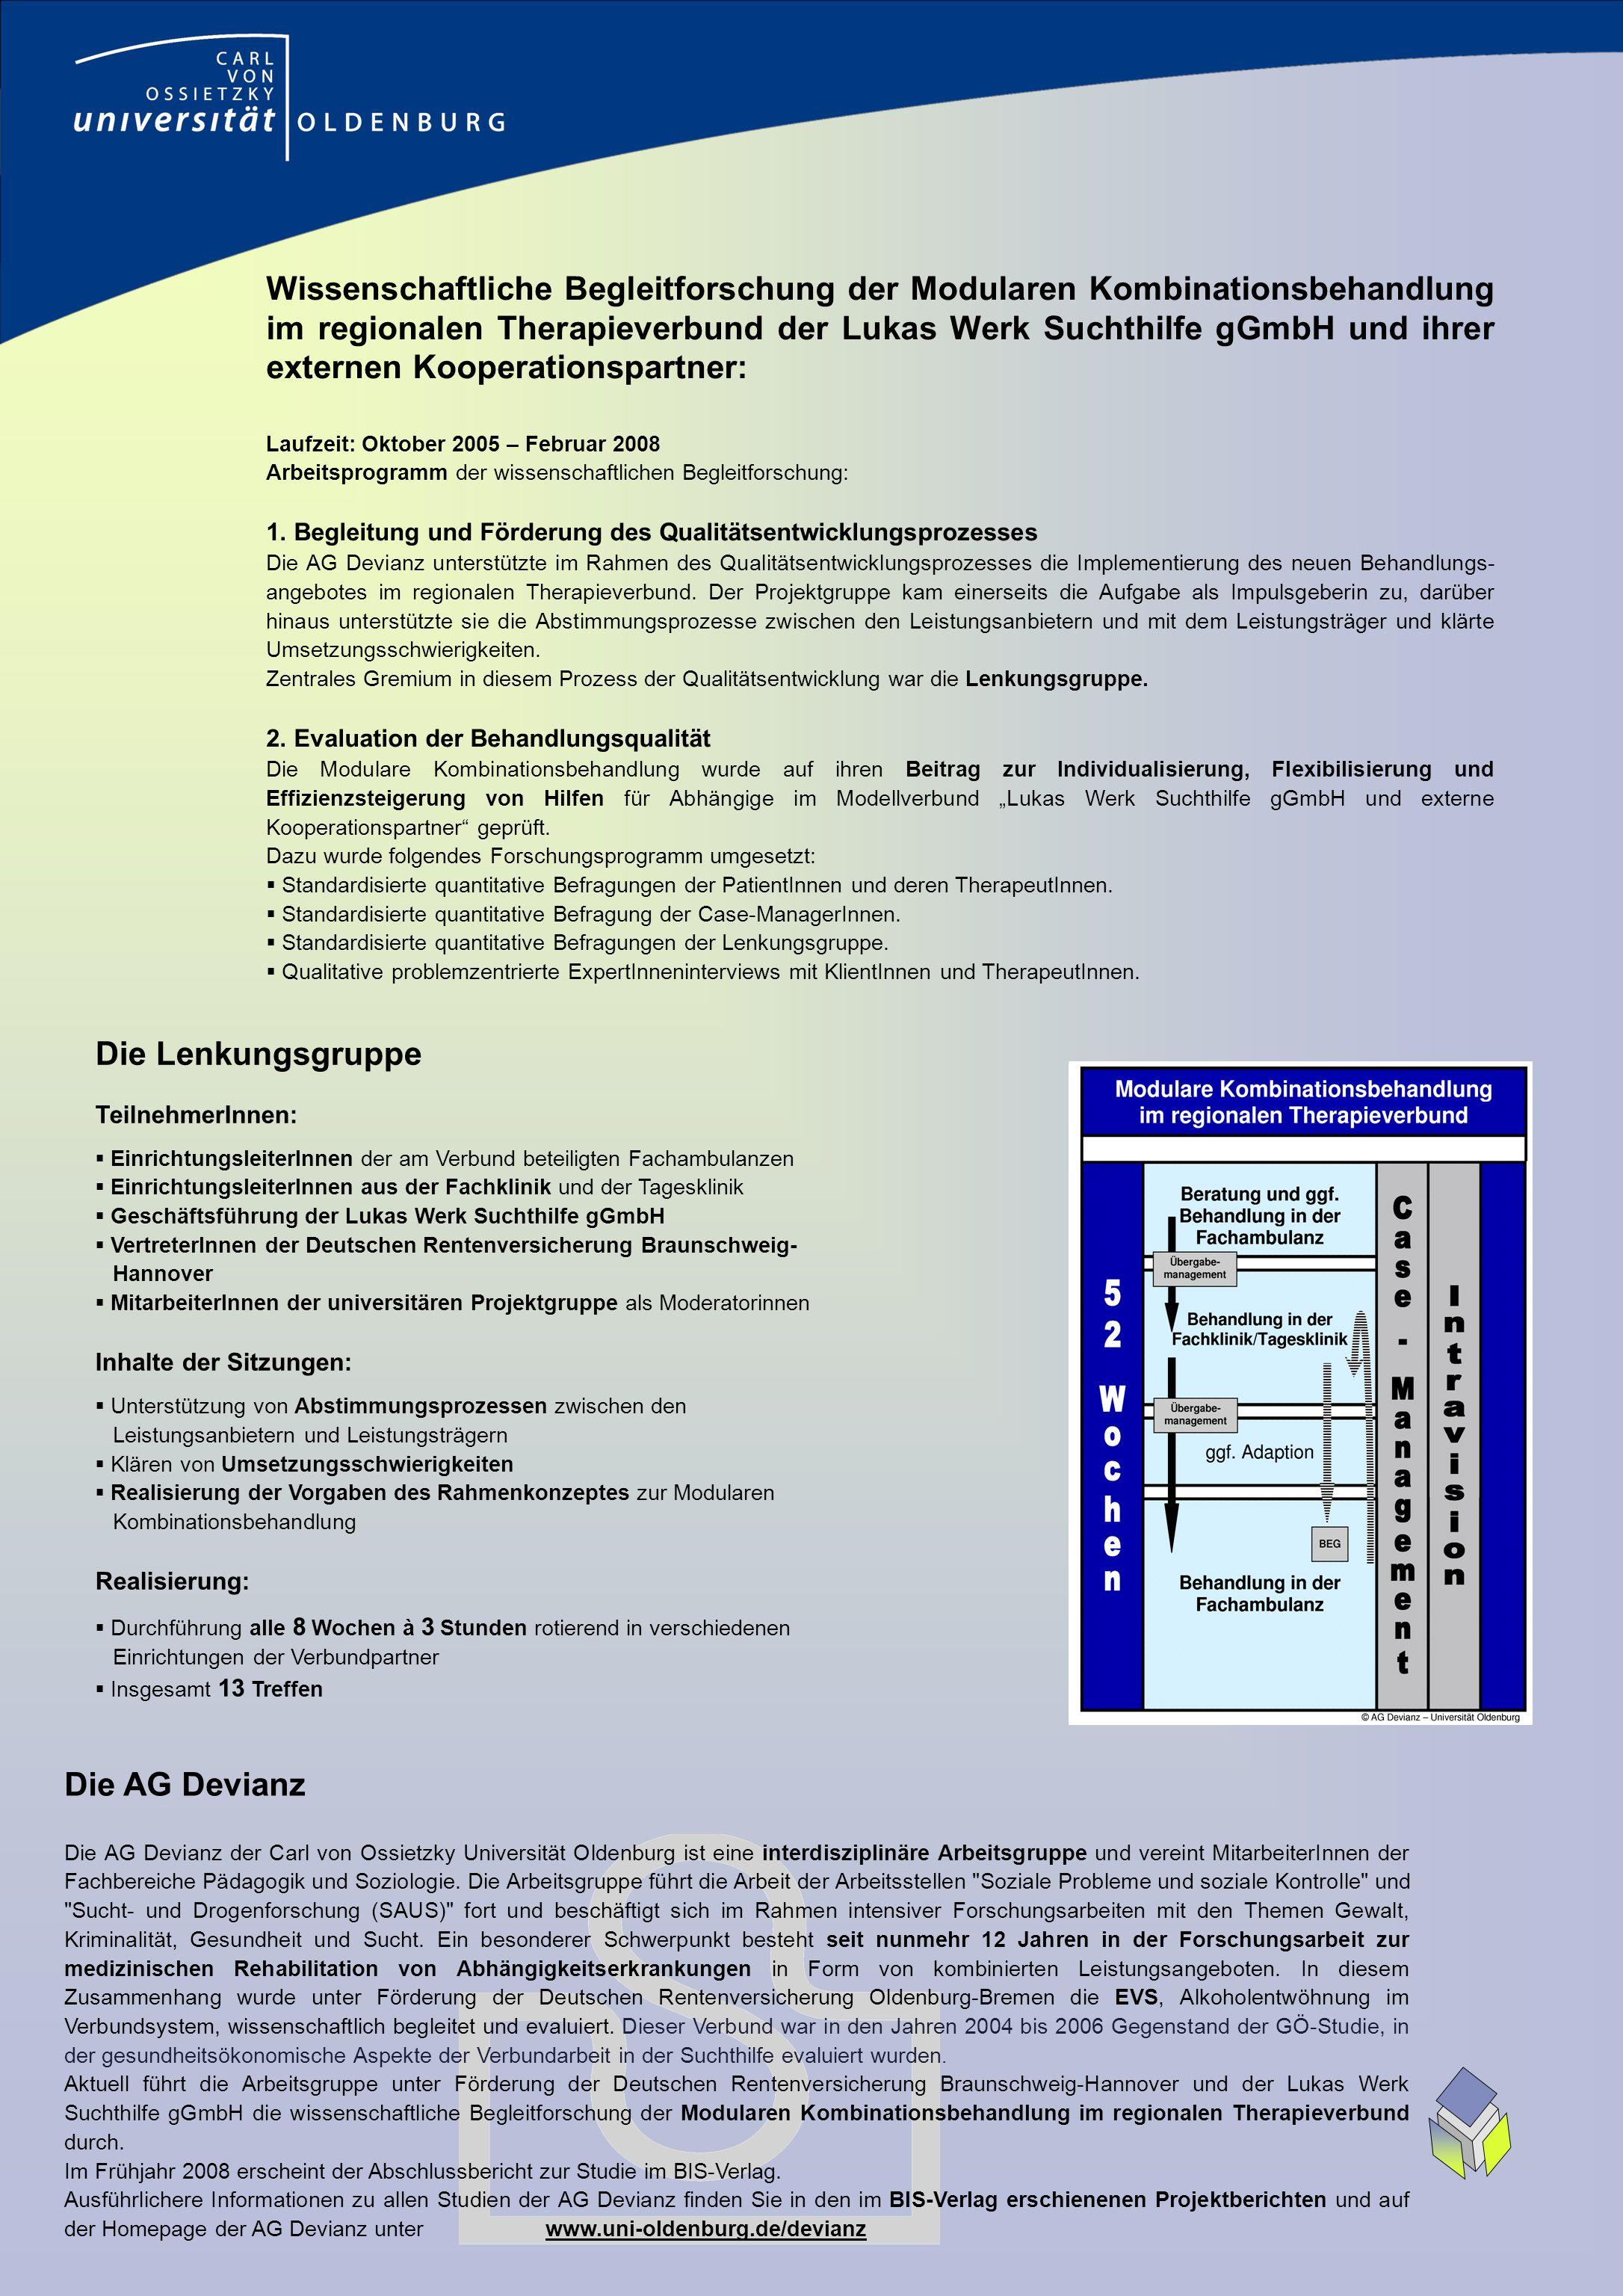 Die AG Devianz Die AG Devianz der Carl von Ossietzky Universität Oldenburg ist eine interdisziplinäre Arbeitsgruppe und vereint MitarbeiterInnen der Fachbereiche Pädagogik und Soziologie.